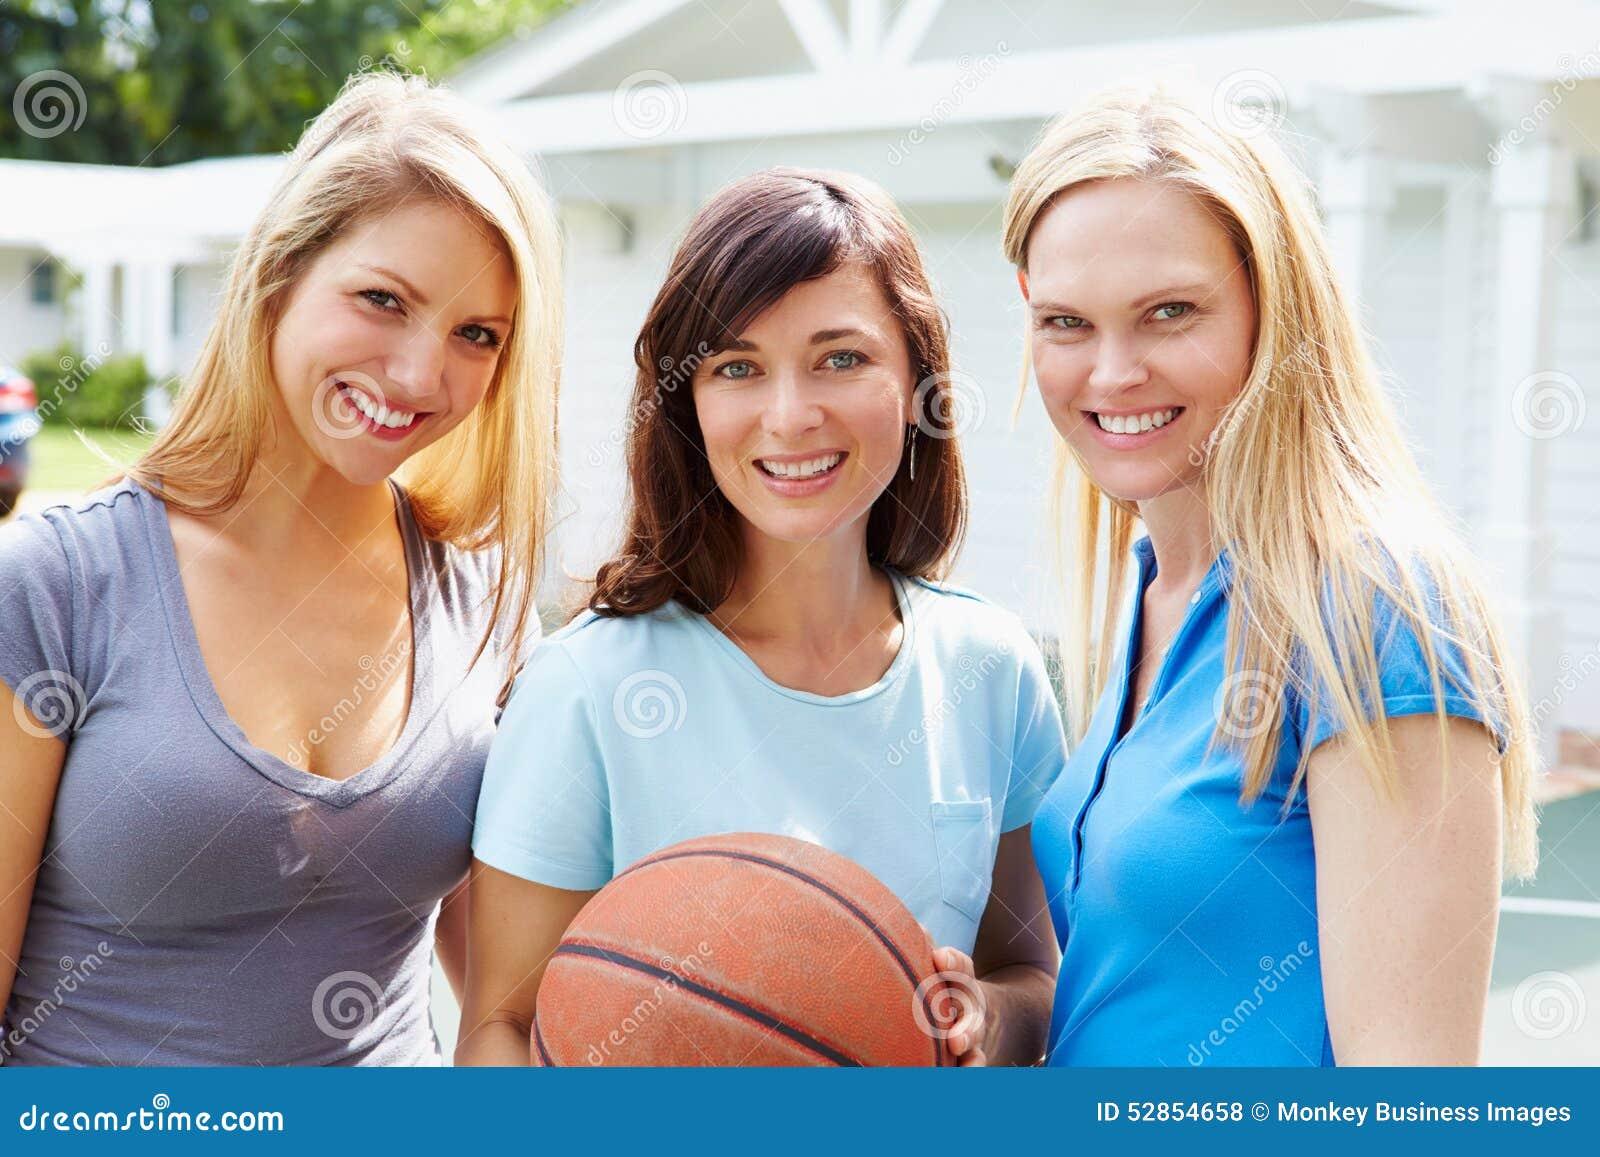 Equipo De Baloncesto De Las Mujeres Imagen De Archivo: Retrato De Las Mujeres Jovenes Que Juegan El Partido De